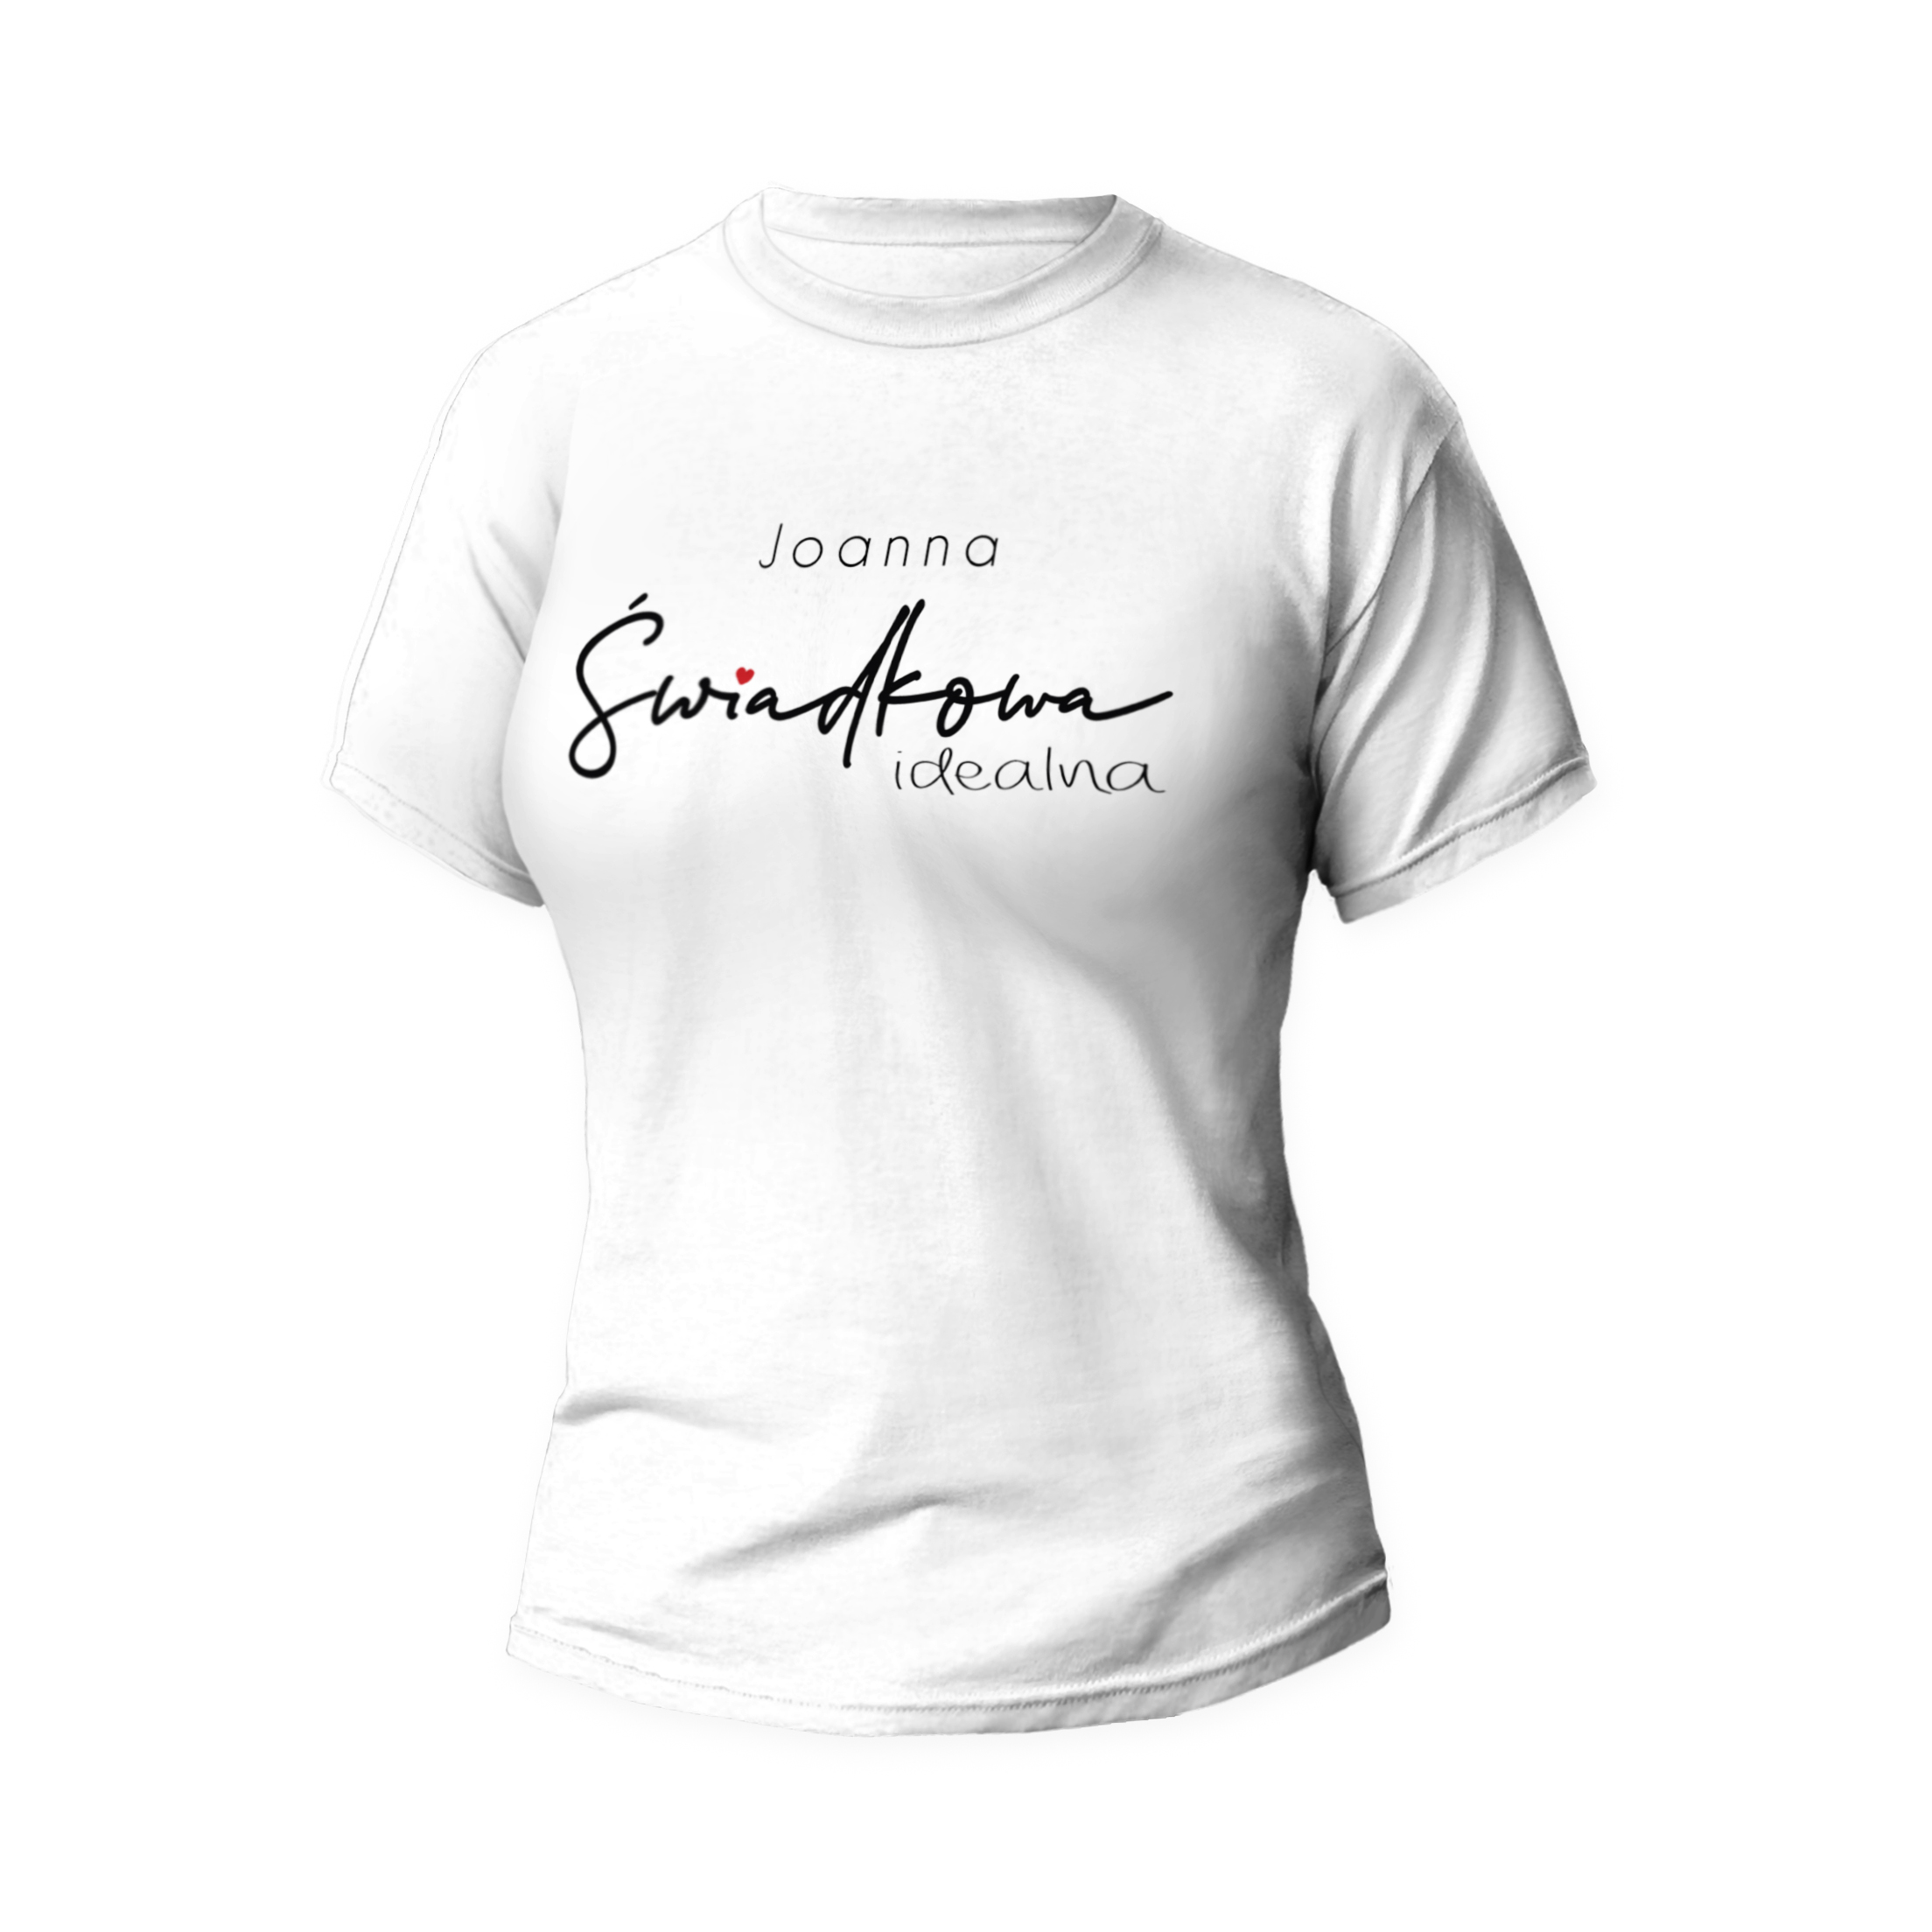 Rozmiar XL - koszulka damska z własnym nadrukiem - Świadkowa idealna - biała